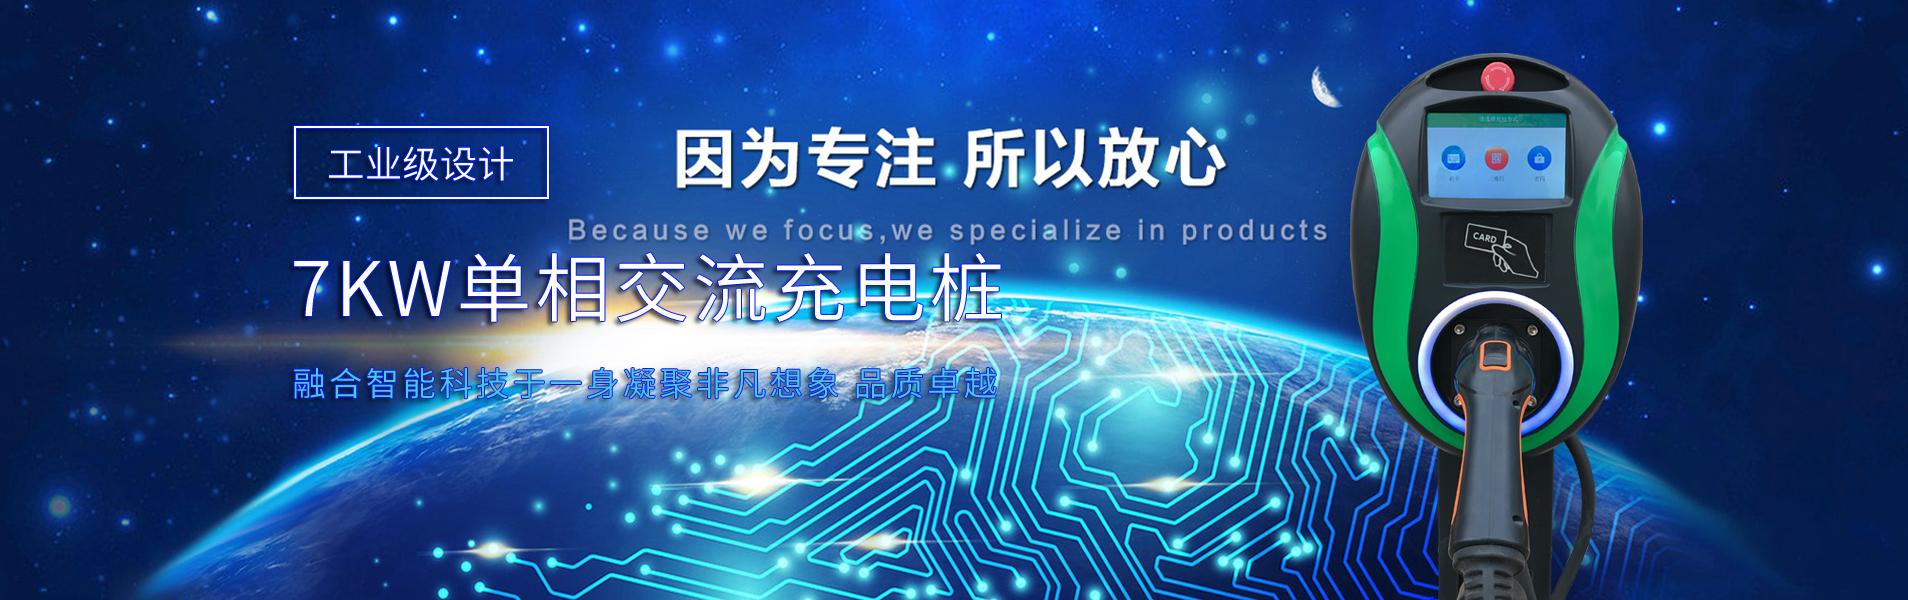 西藏世峰高科能源技术有限公司深圳分公司